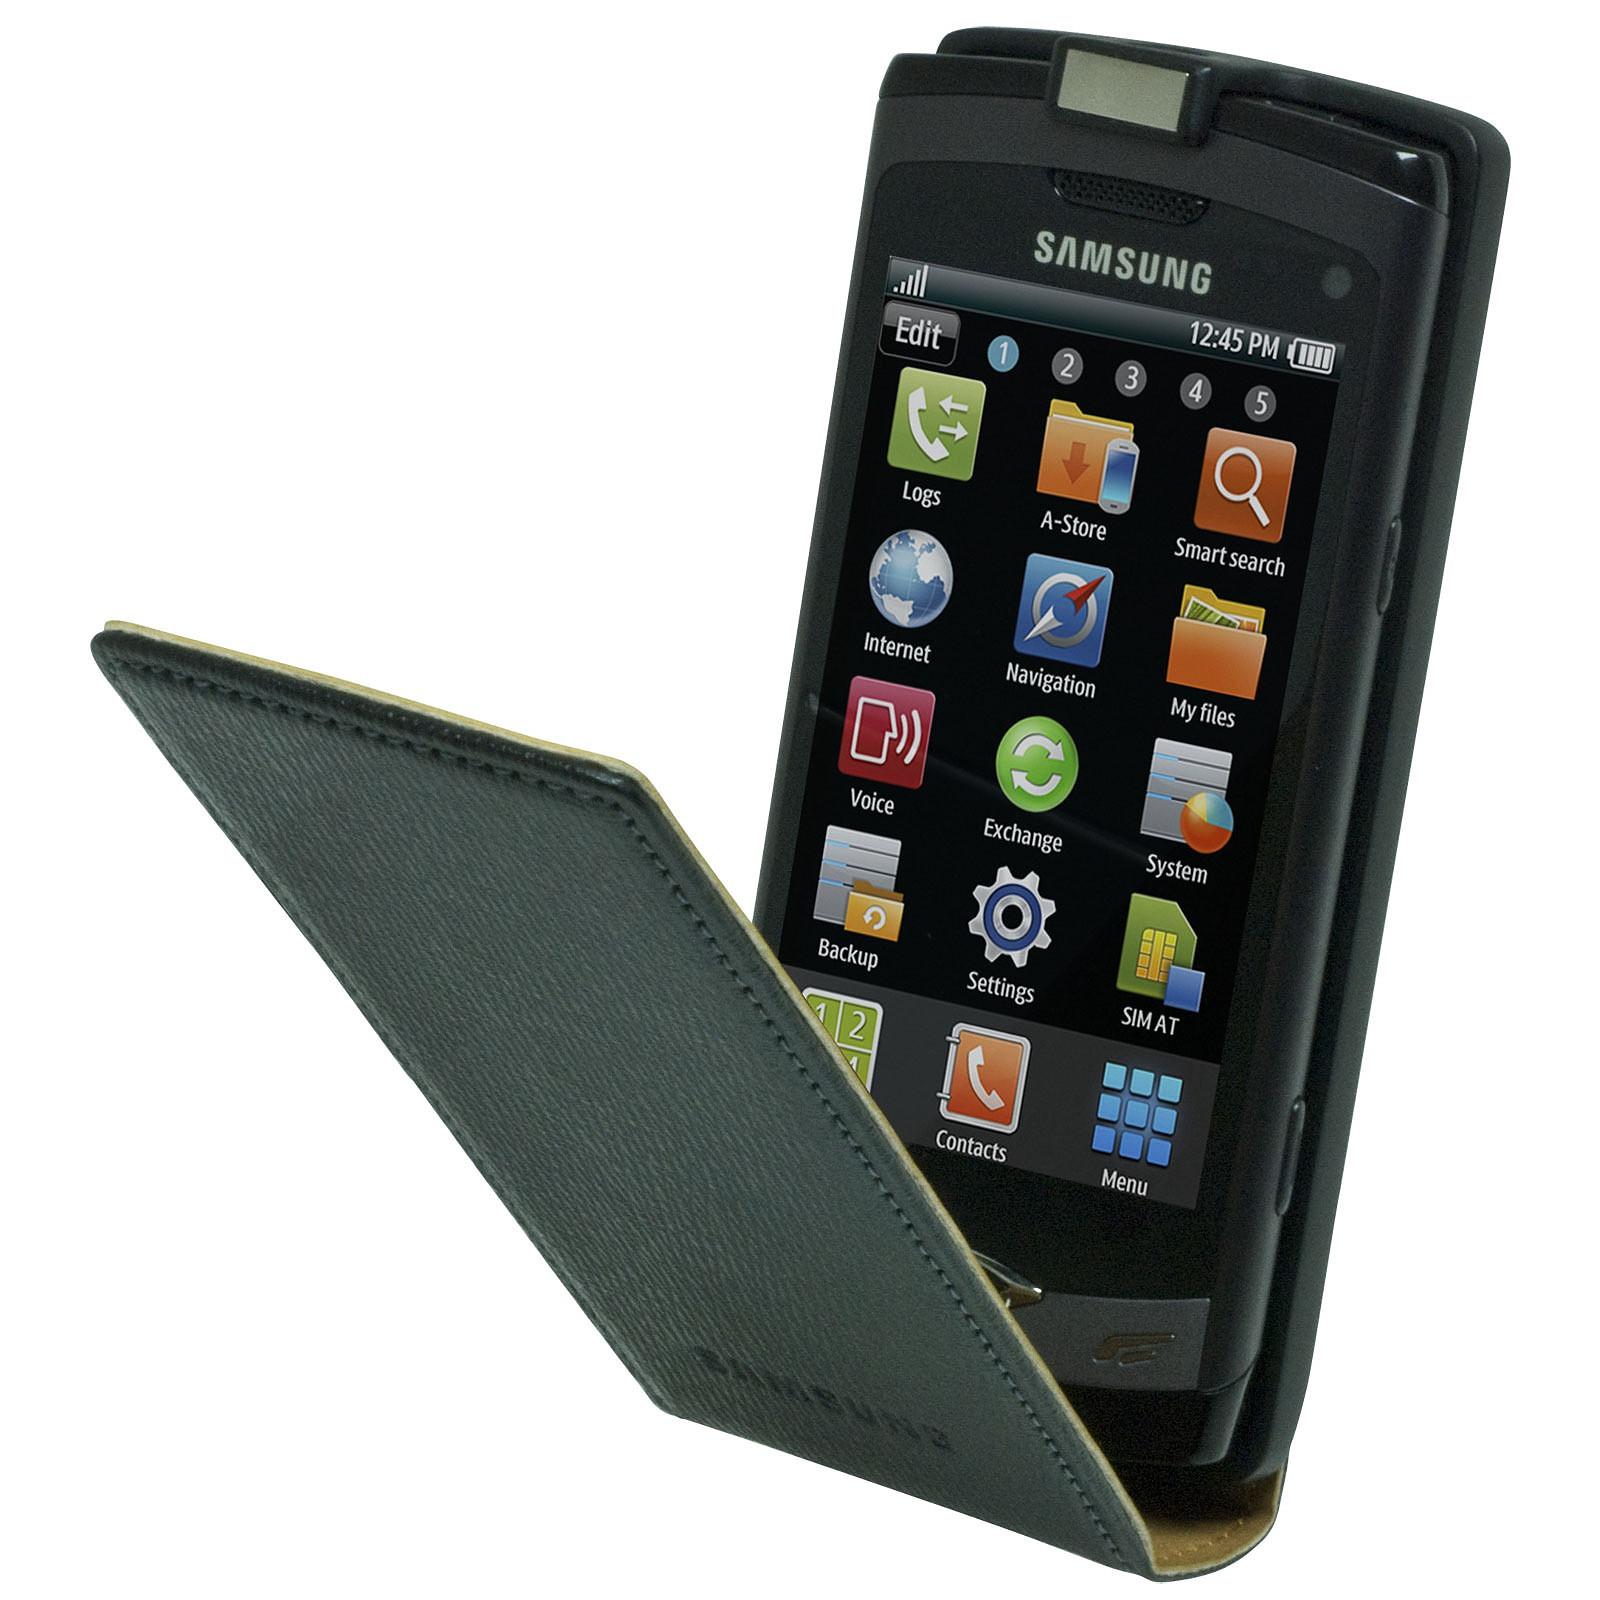 Samsung étui en cuir coloris noir (pour Samsung S8500 Wave)